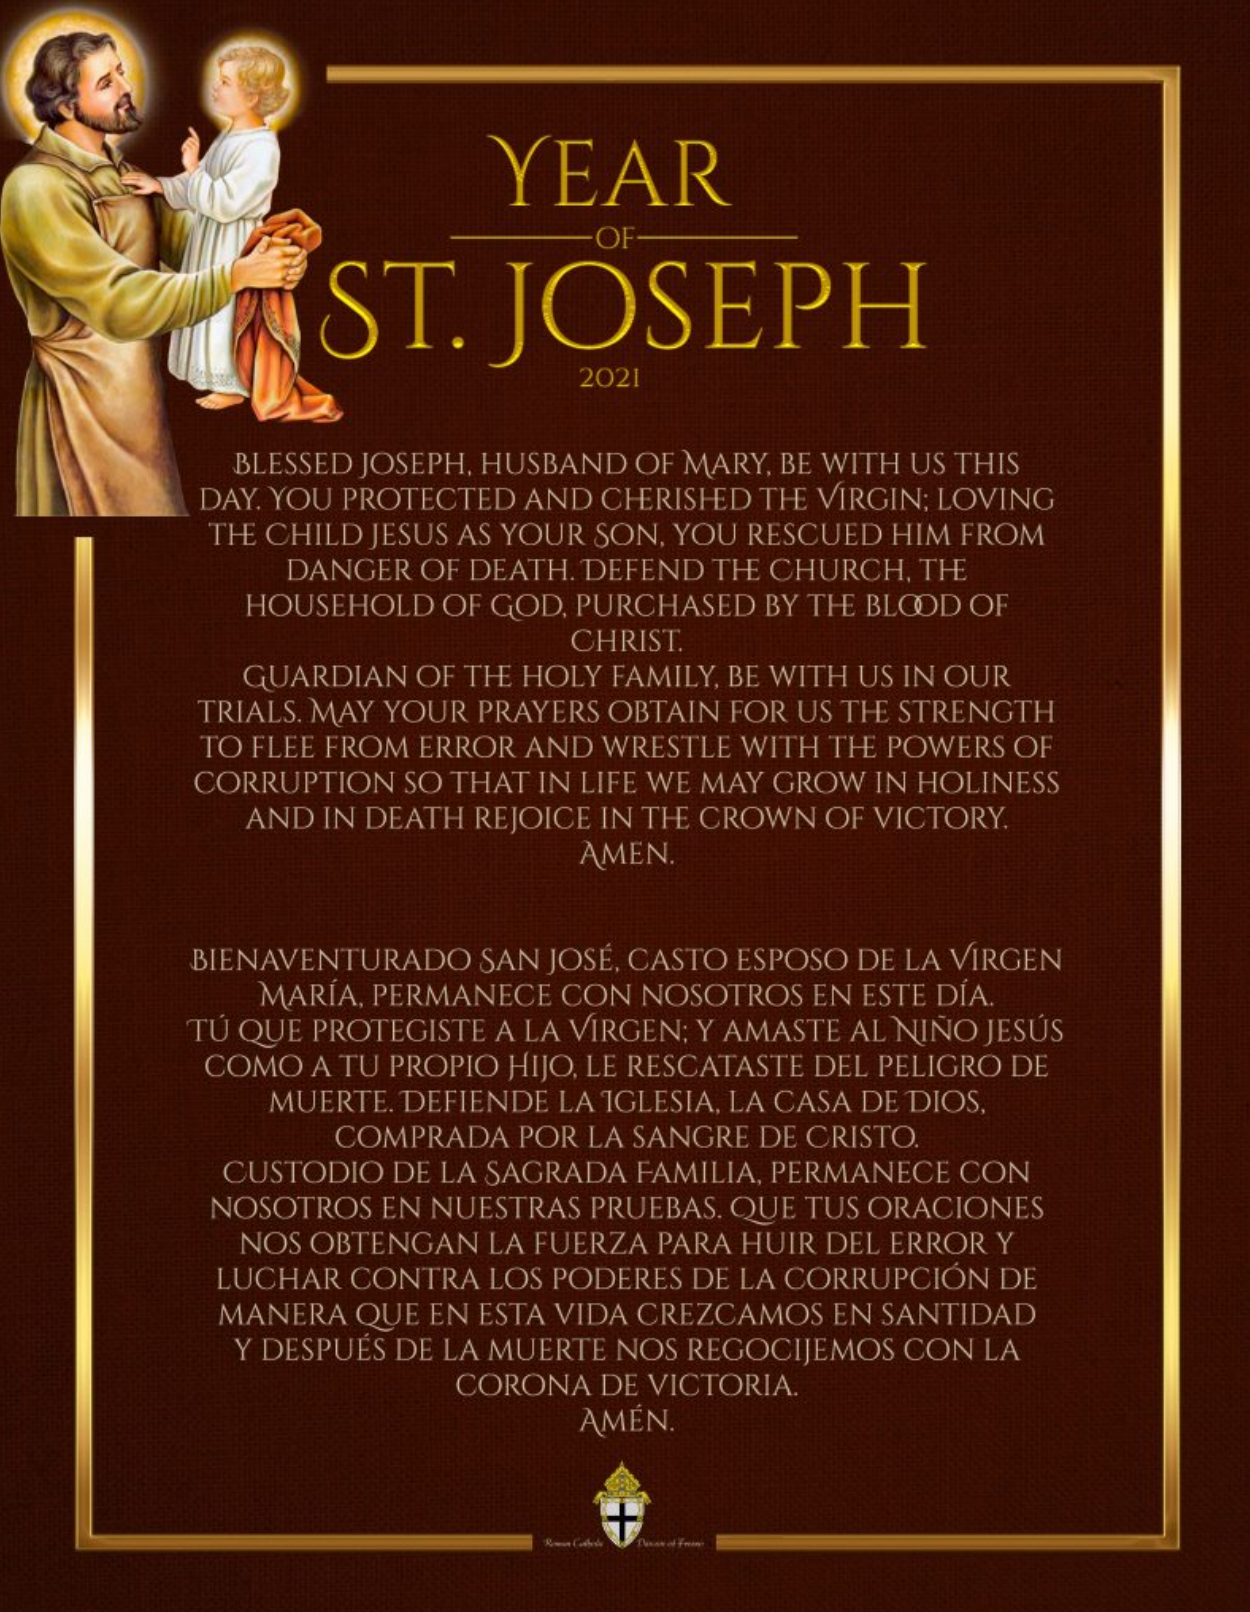 Year of St Joseph 2021